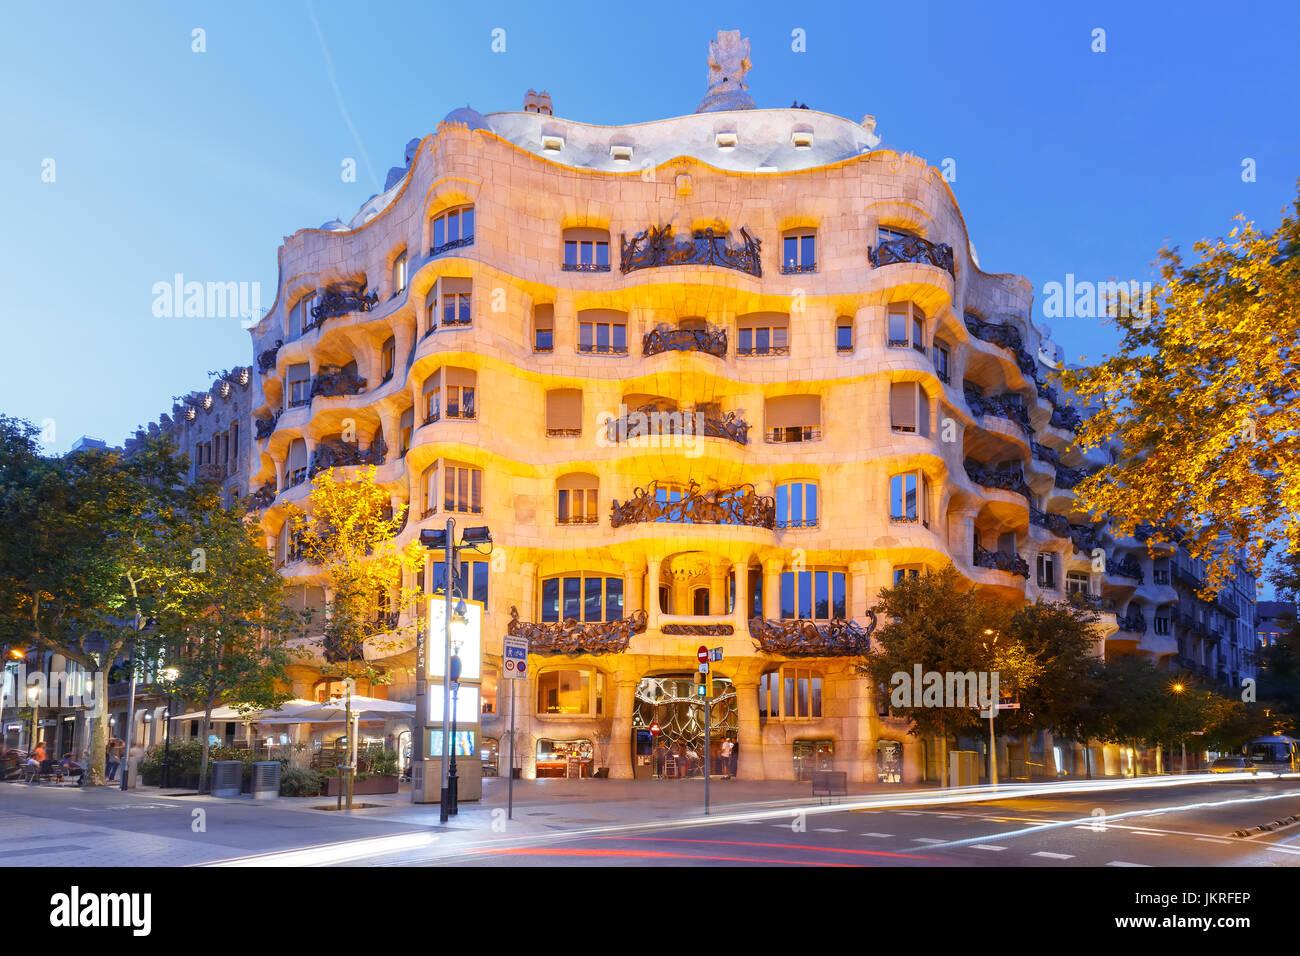 Casa Mila en la noche, Barcelona, España Imagen De Stock